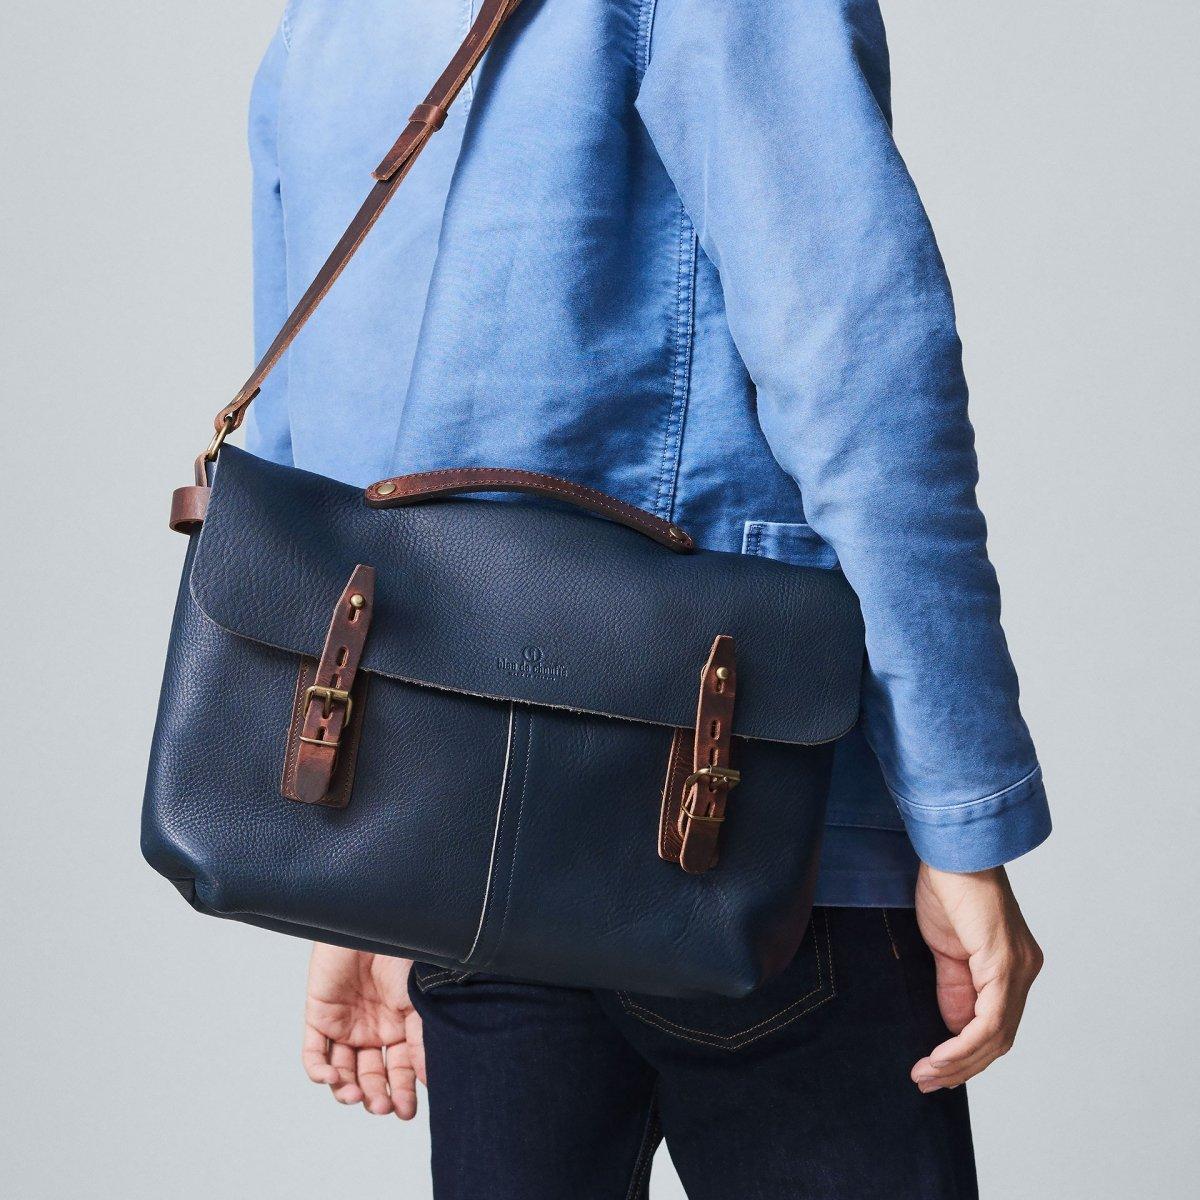 Lucien Satchel bag - Black (image n°5)